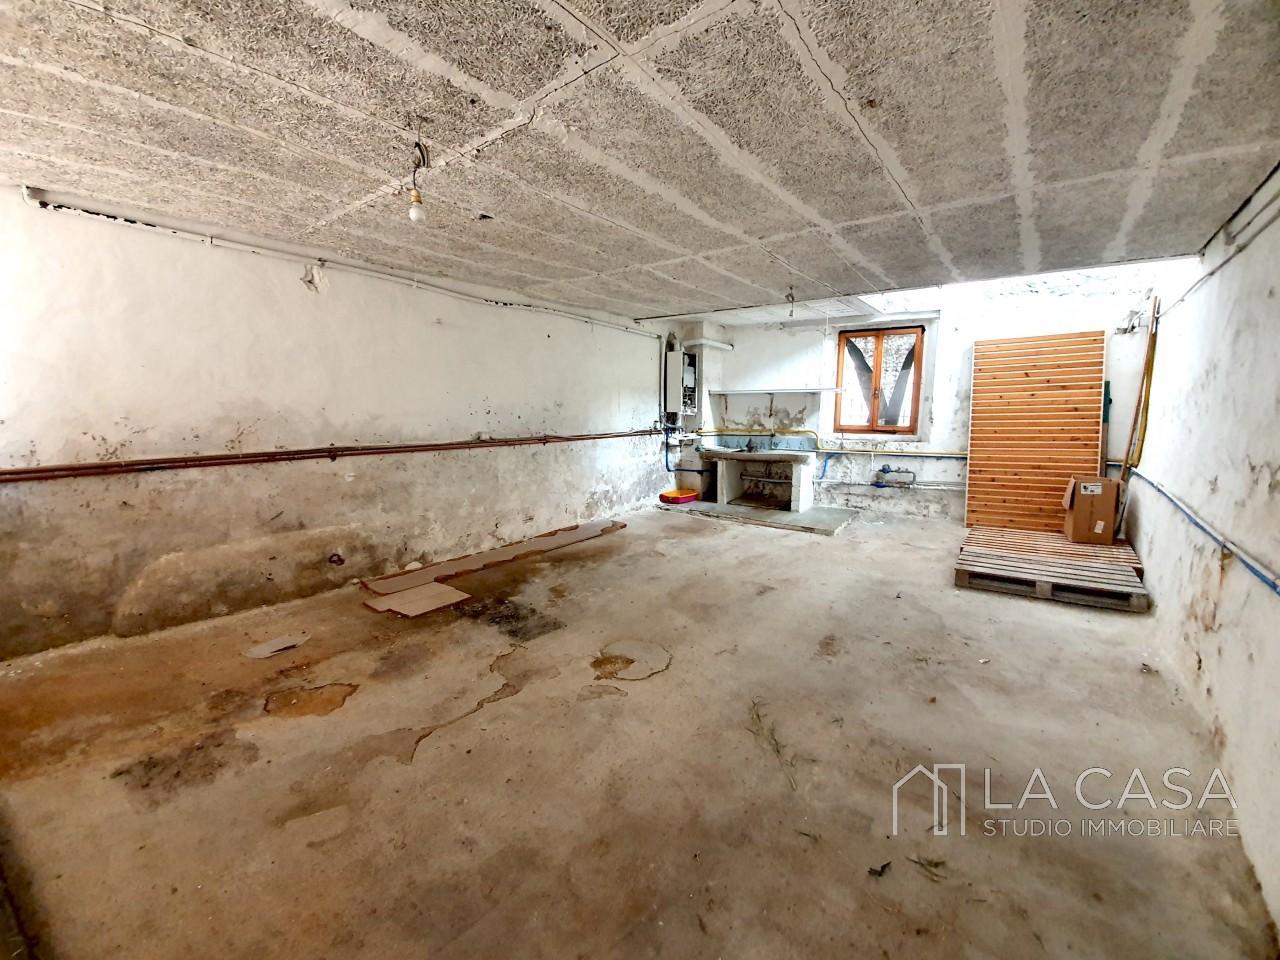 Negozio in vendita nel centro storico di Valvasone - Rif.N1 https://media.gestionaleimmobiliare.it/foto/annunci/191007/2078264/1280x1280/012__20191003_100346_wmk_0.jpg